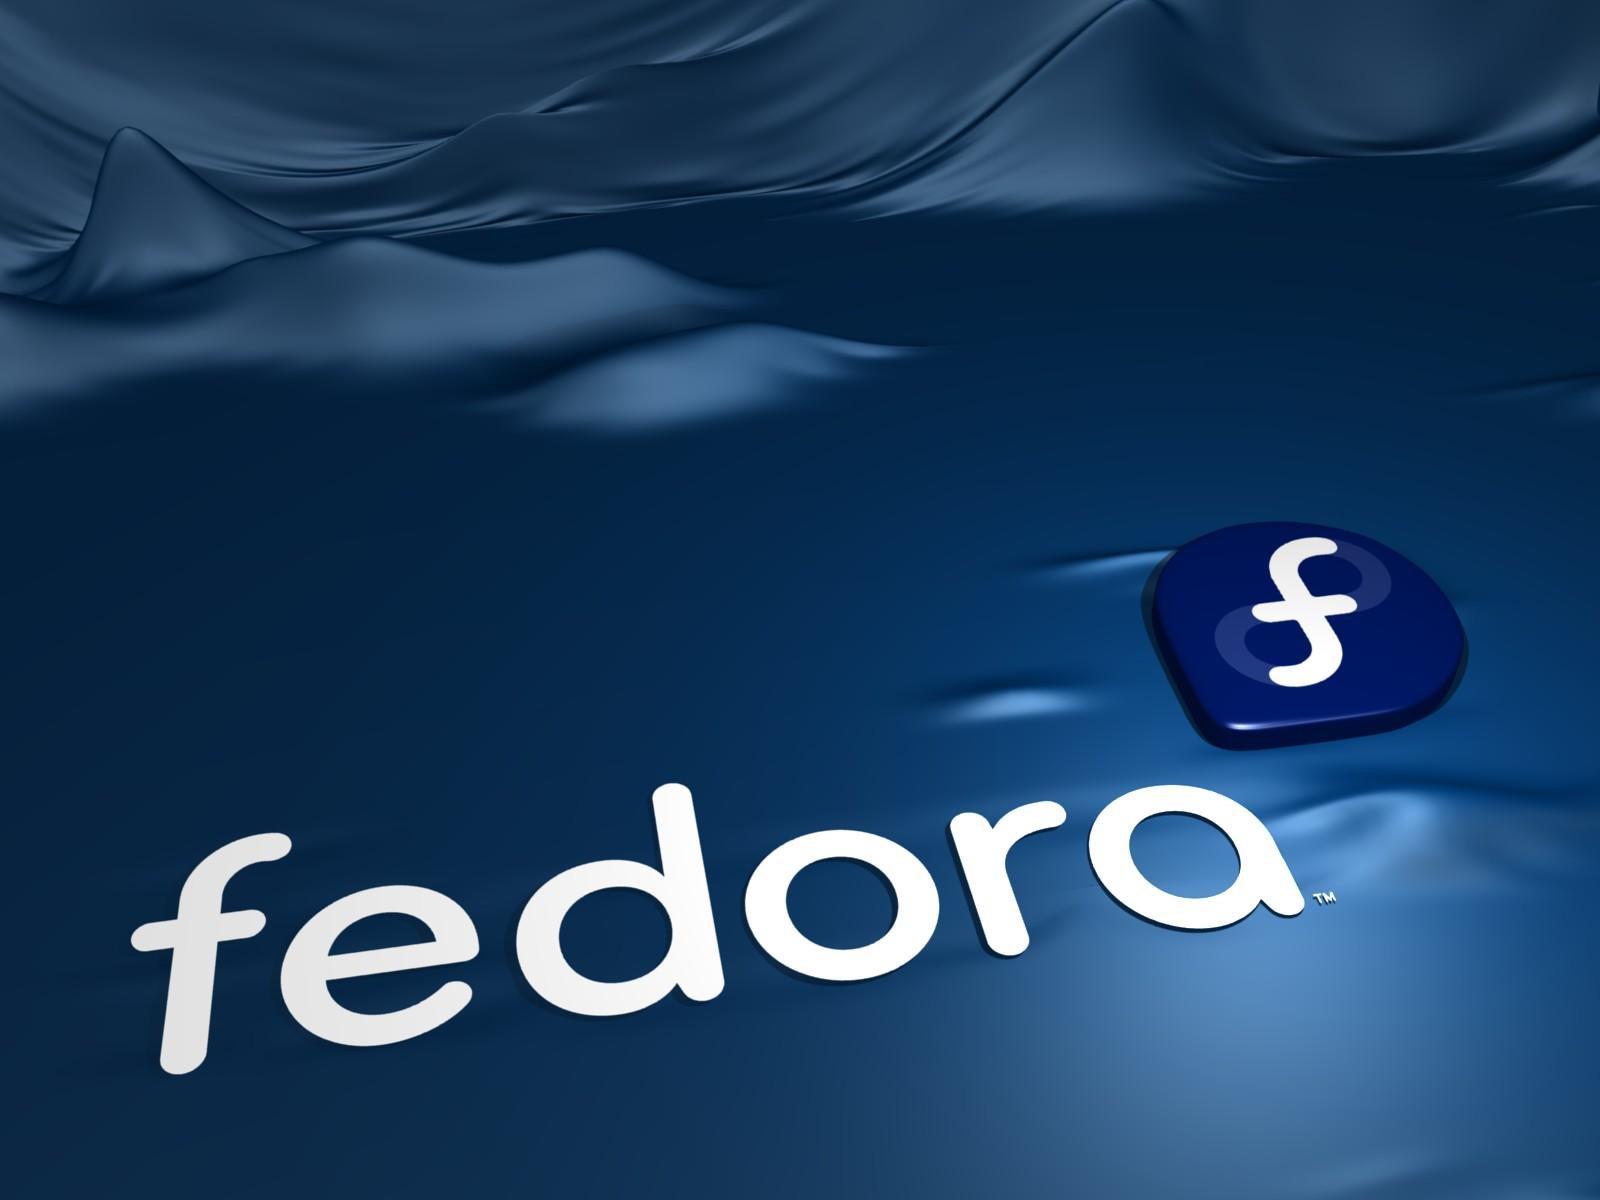 Linux Libre Fedora